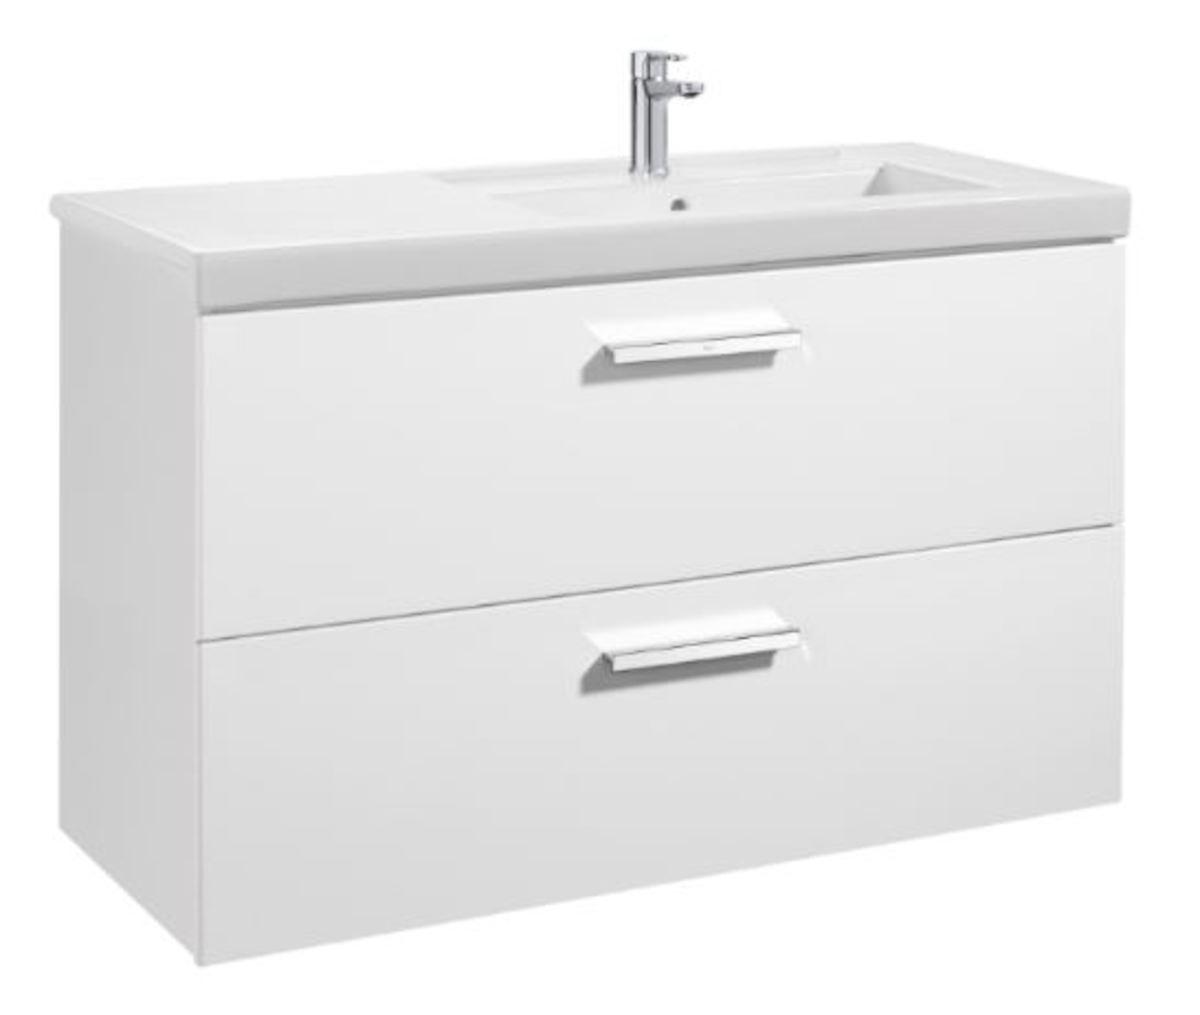 Kúpeľňová skrinka pod umývadlo Roca Prisma 79x46x66,7 cm biela A856882806